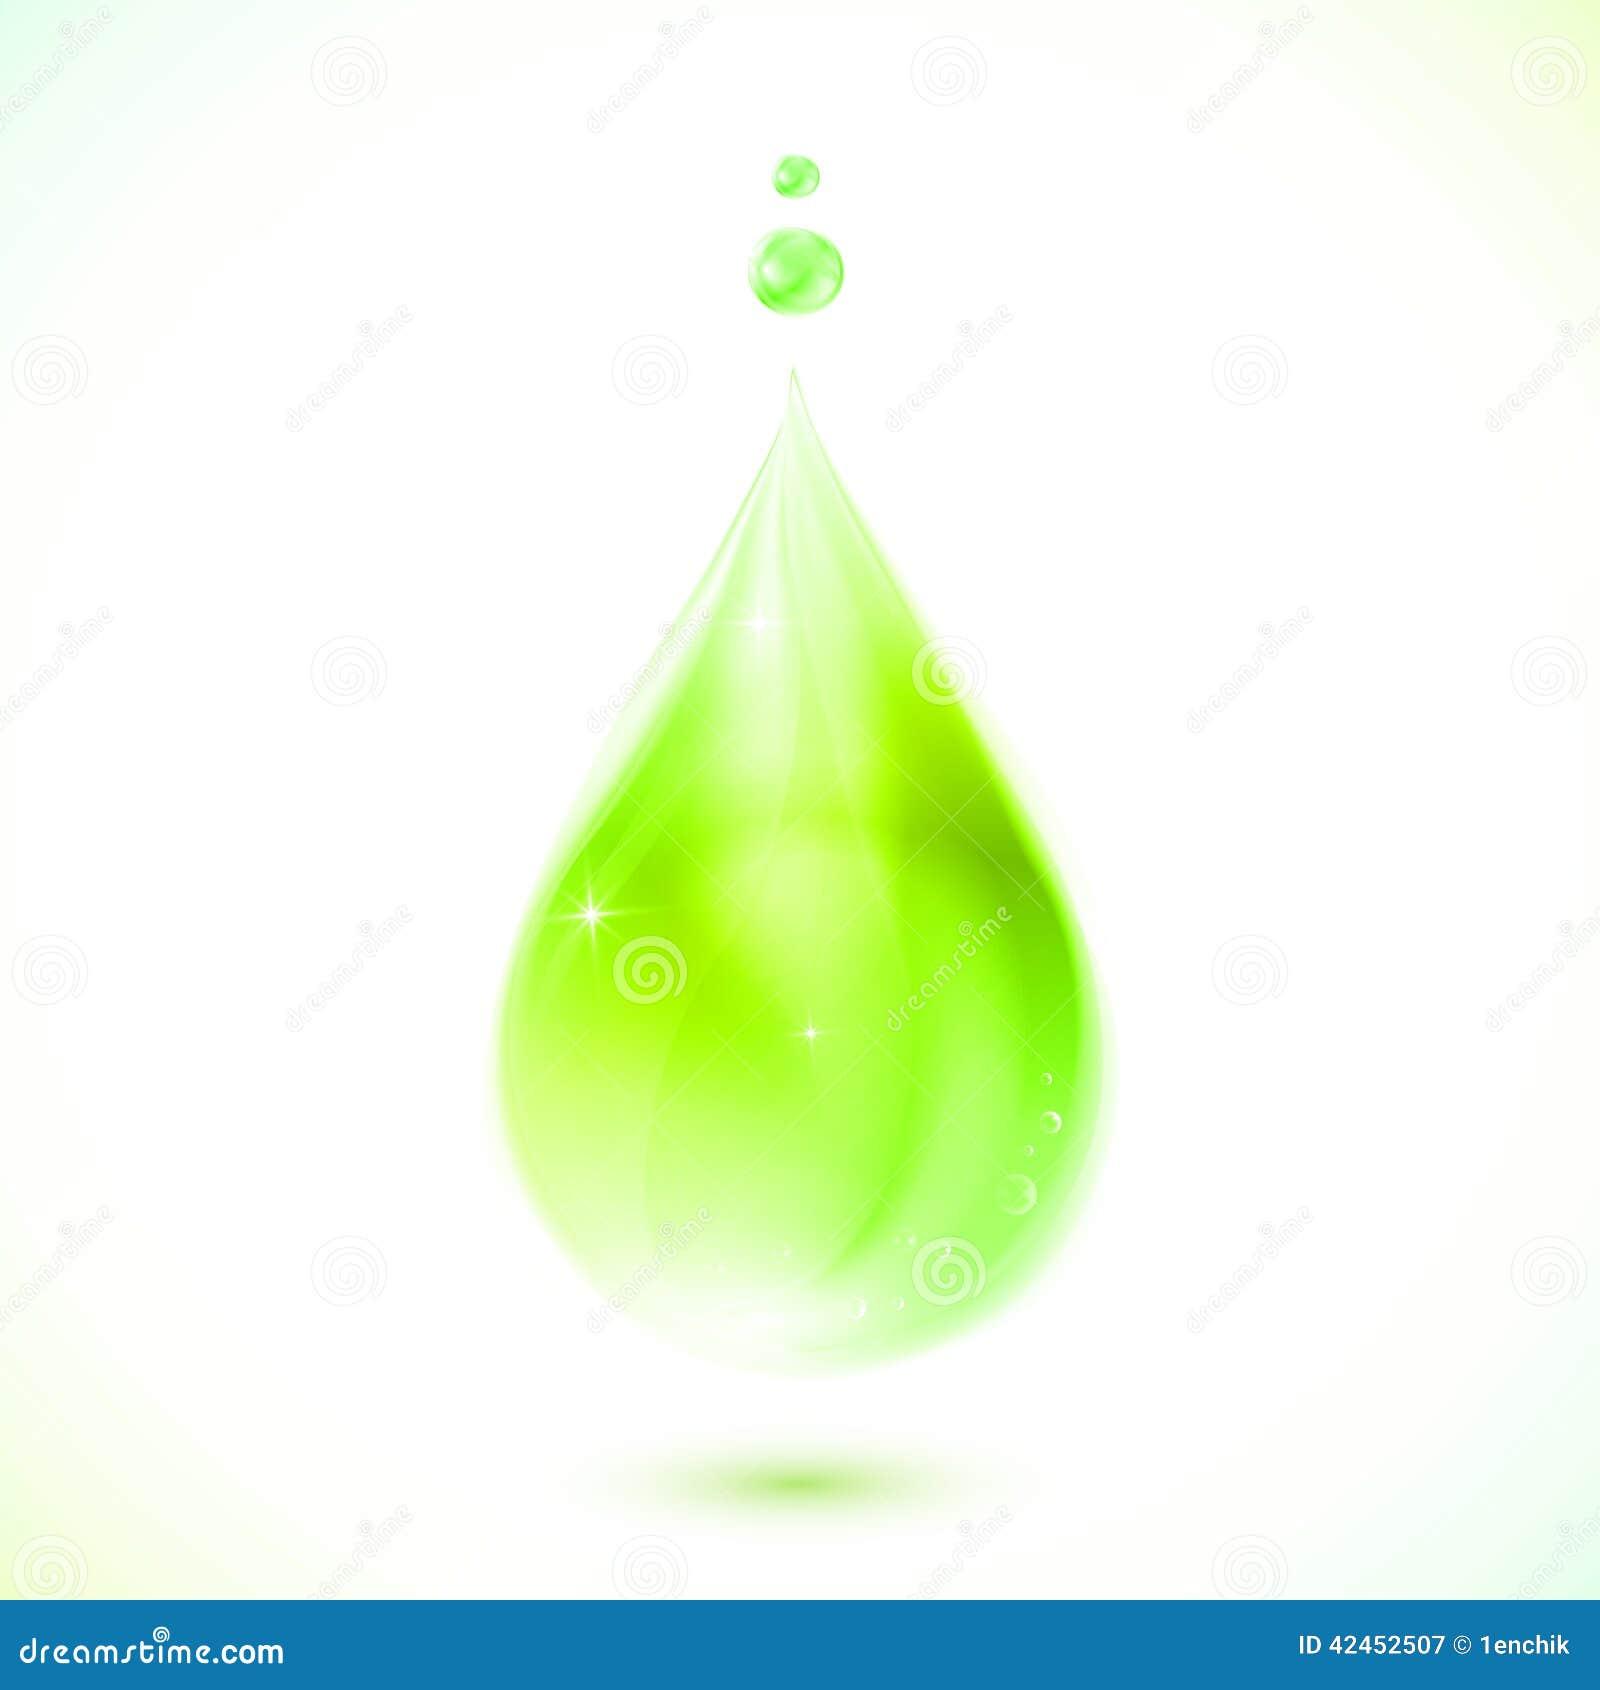 Grüner realistischer Vektoröltropfen